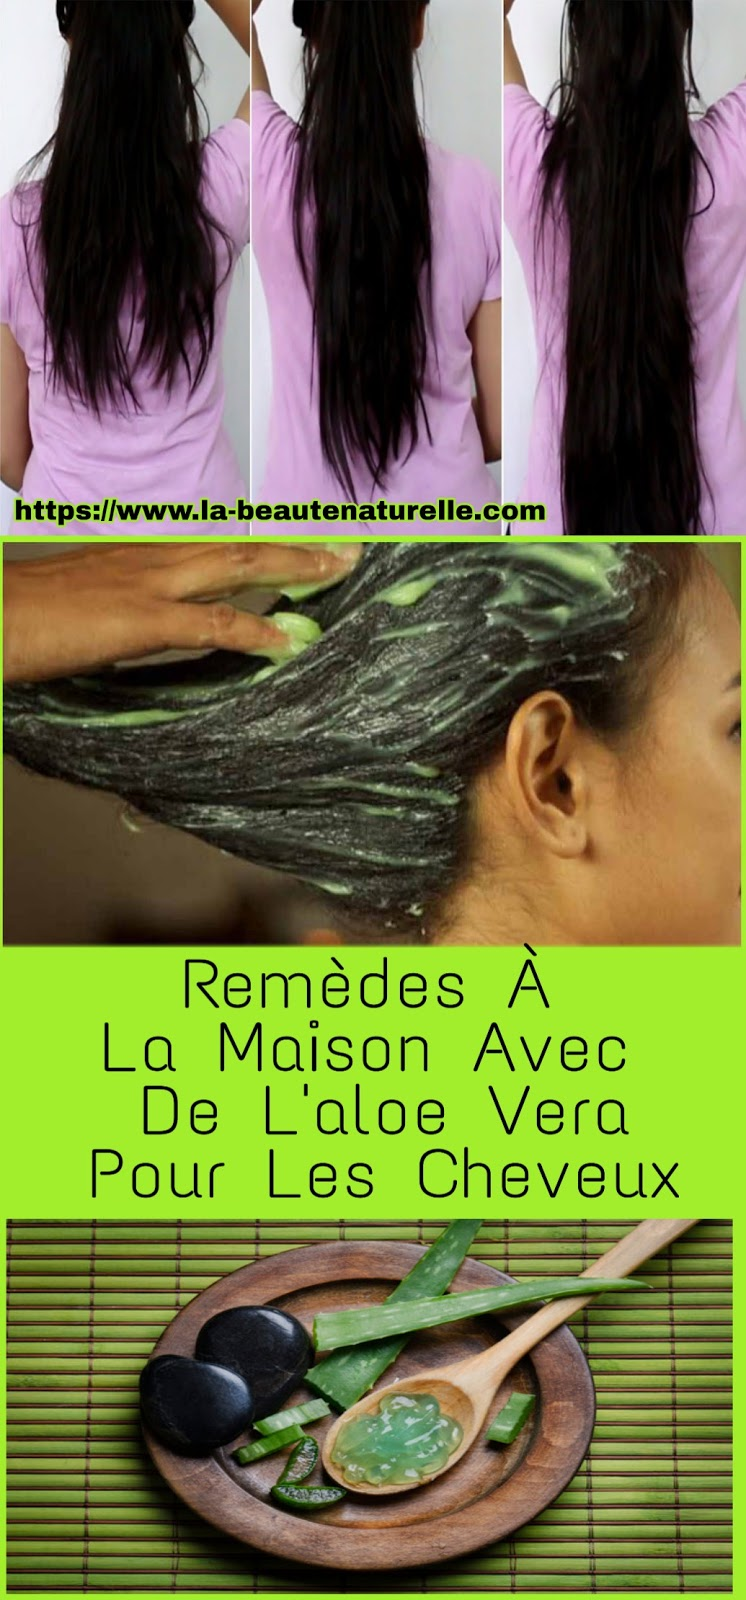 Remèdes À La Maison Avec De L'aloe Vera Pour Les Cheveux